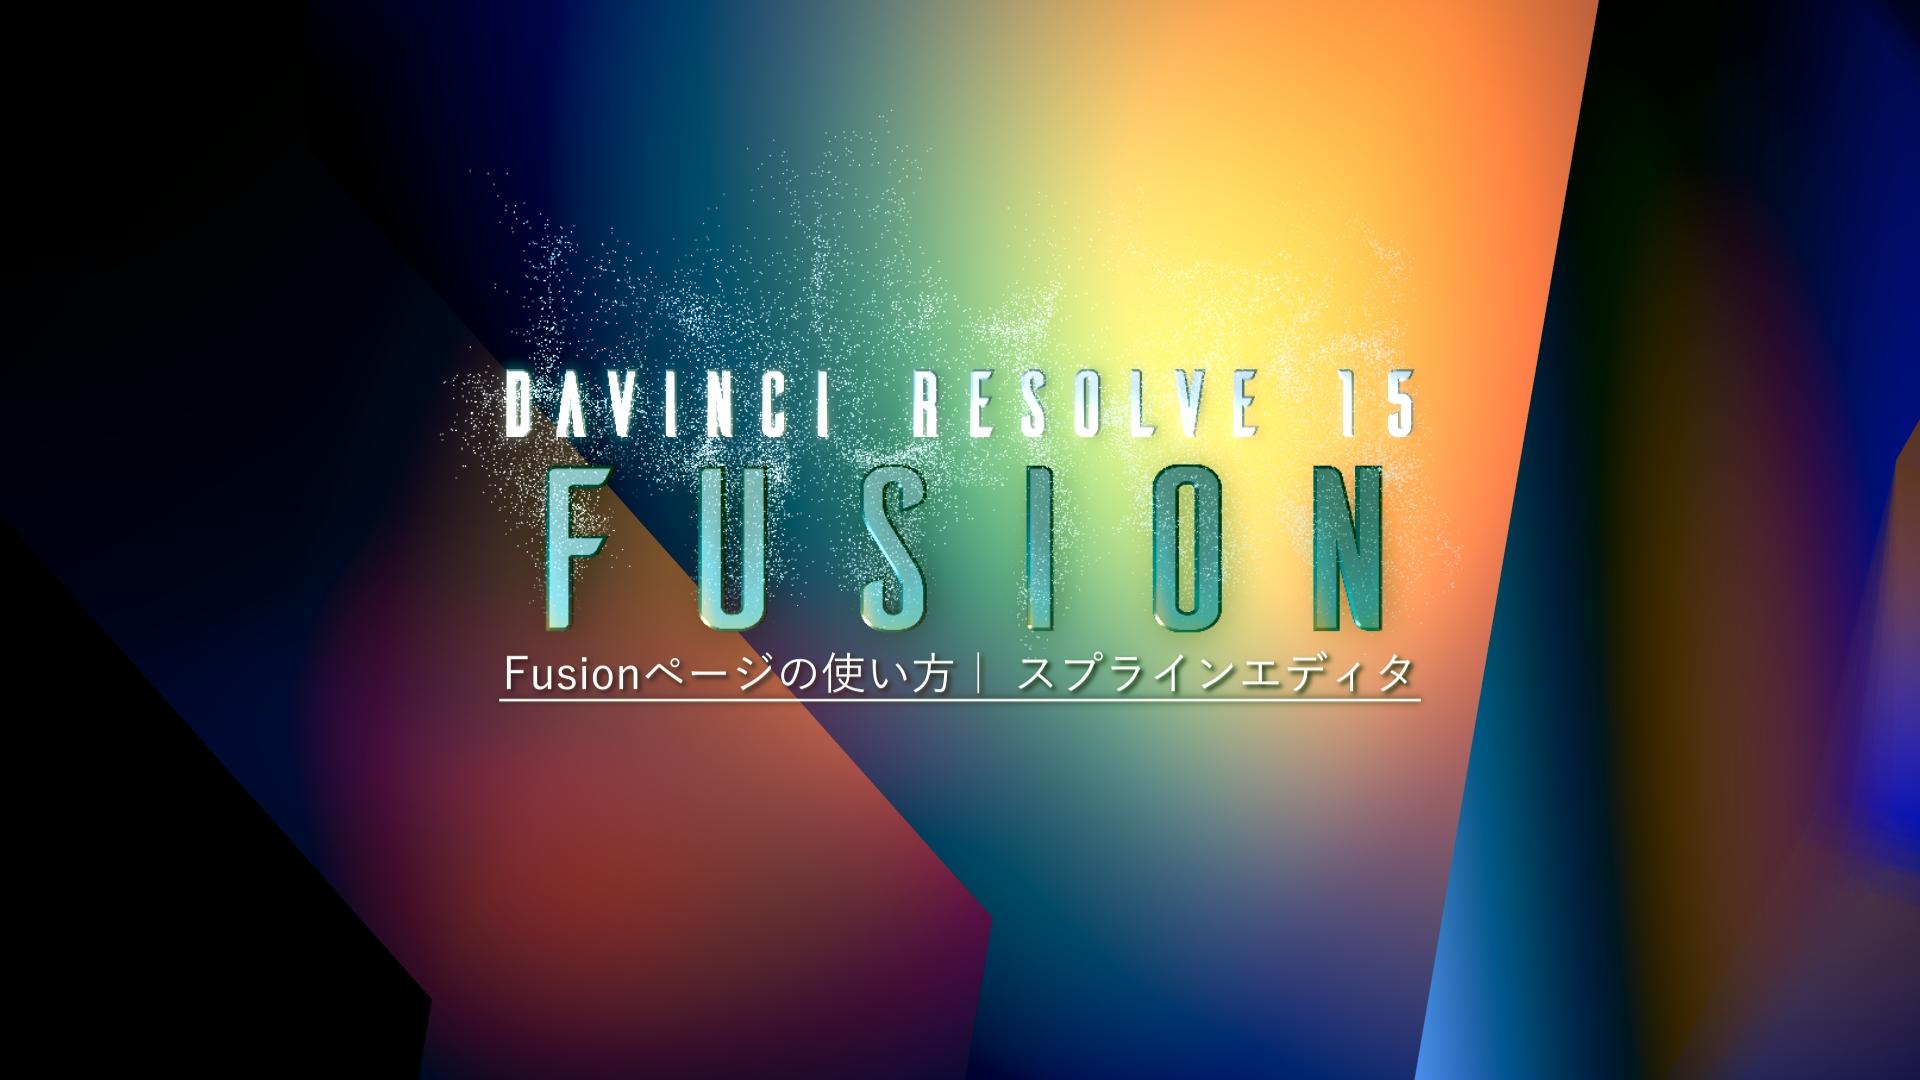 DaVinci Resolve 15 Fusion の 使い方 (5) スプラインエディタ